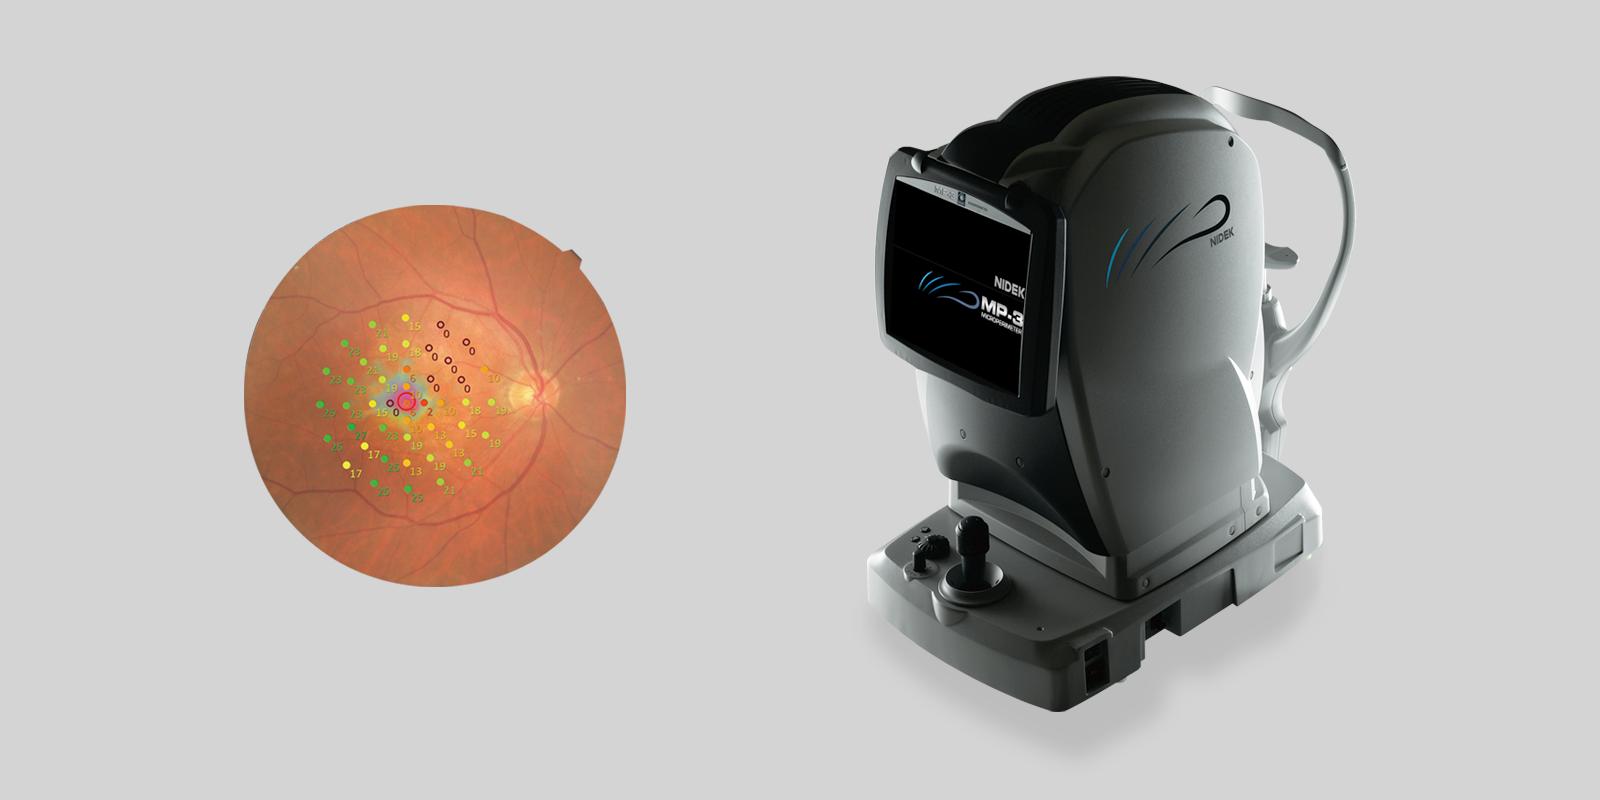 d75b109979 Indo presenta el microperímetro más avanzado: MP3 de NIDEK